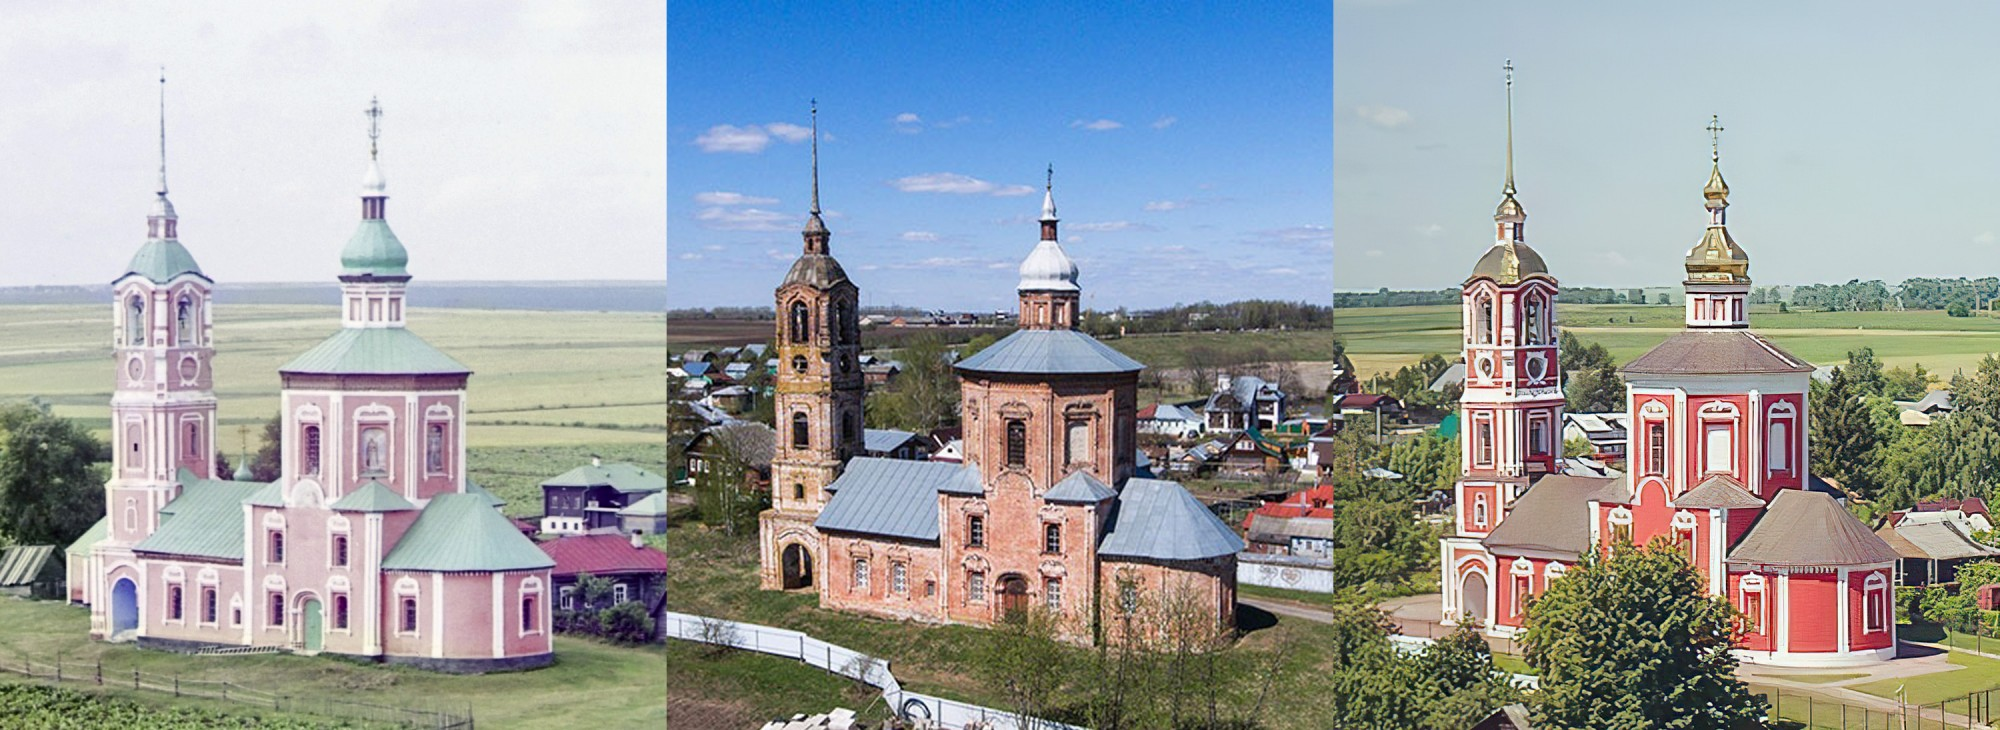 Борисоглебская церковь 1912-2017-2020